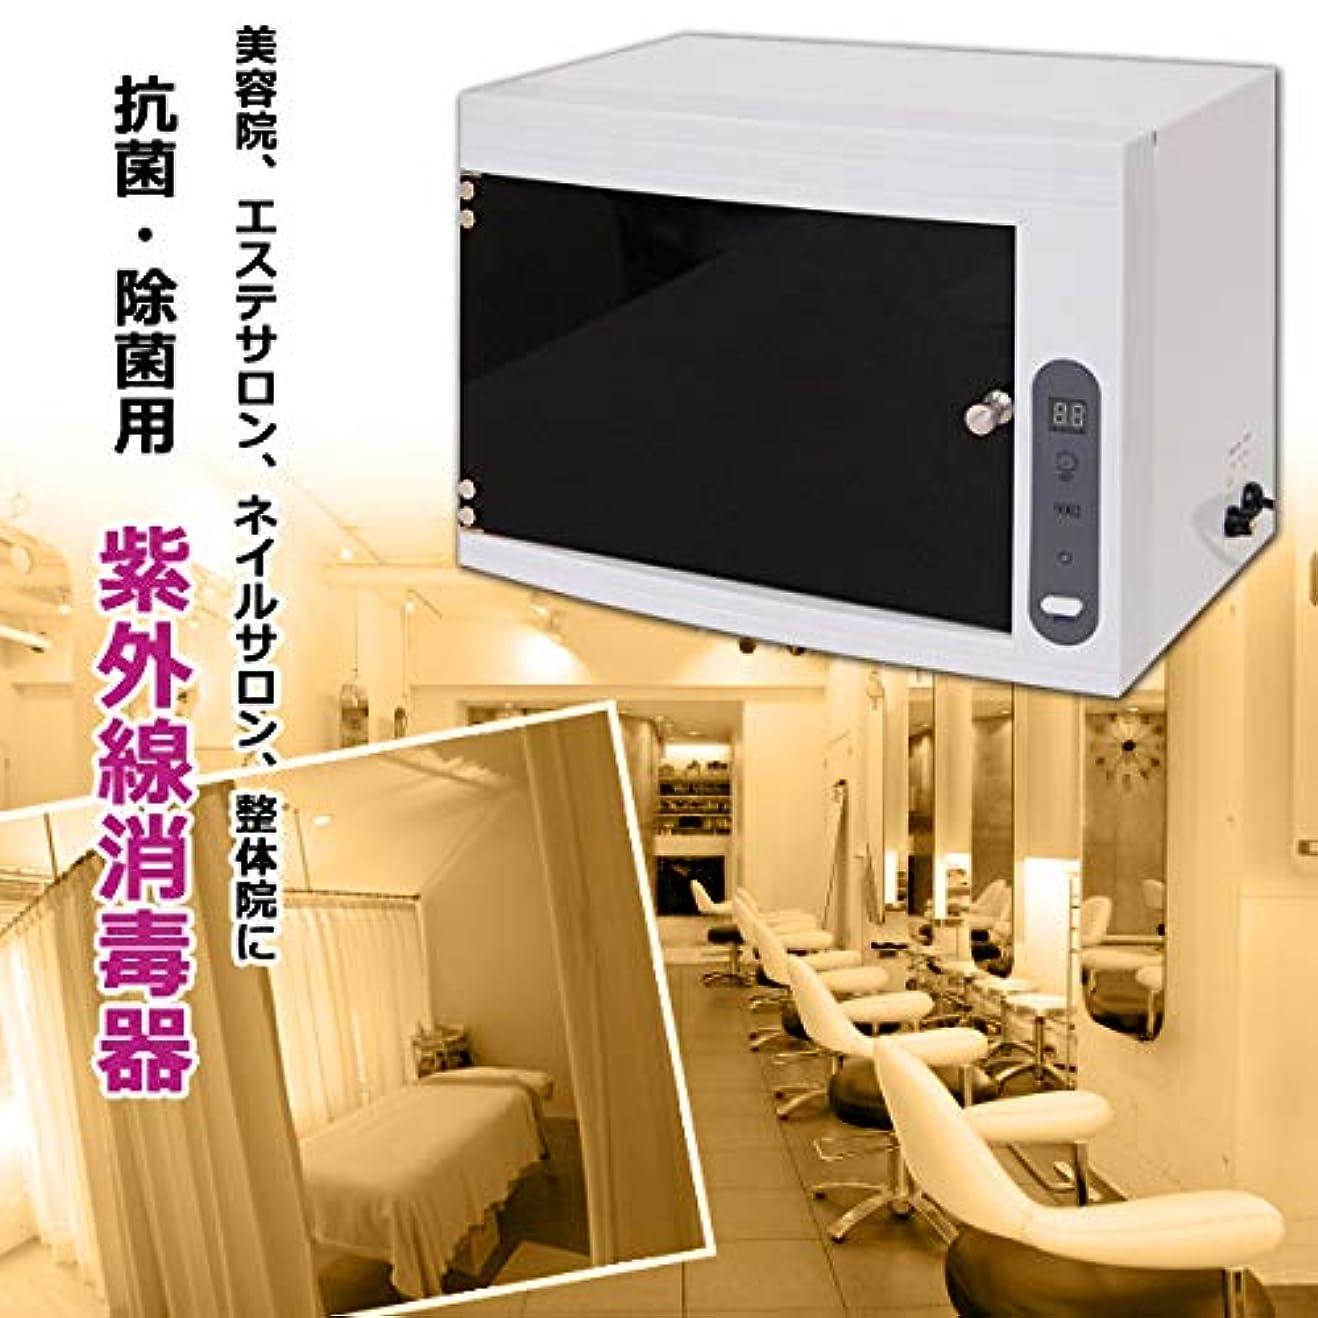 アサー専門用語こだわり業務用 2段式 ステアライザー(ステリライザー)/ UV 紫外線 消毒器